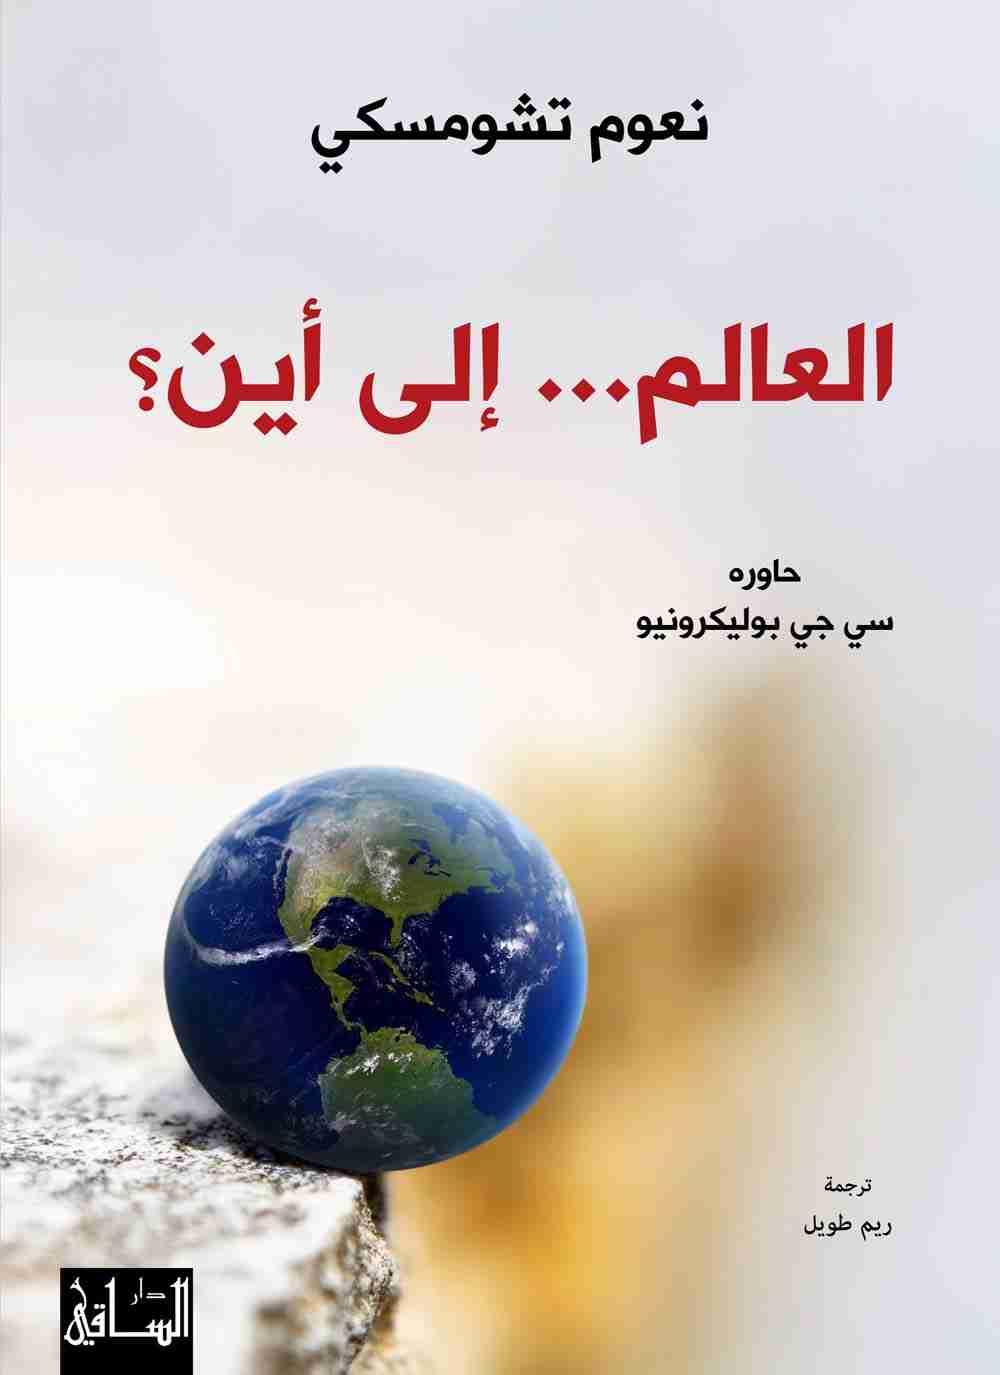 رواية العالم... إلى أين؟ لـ نعوم تشومسكي